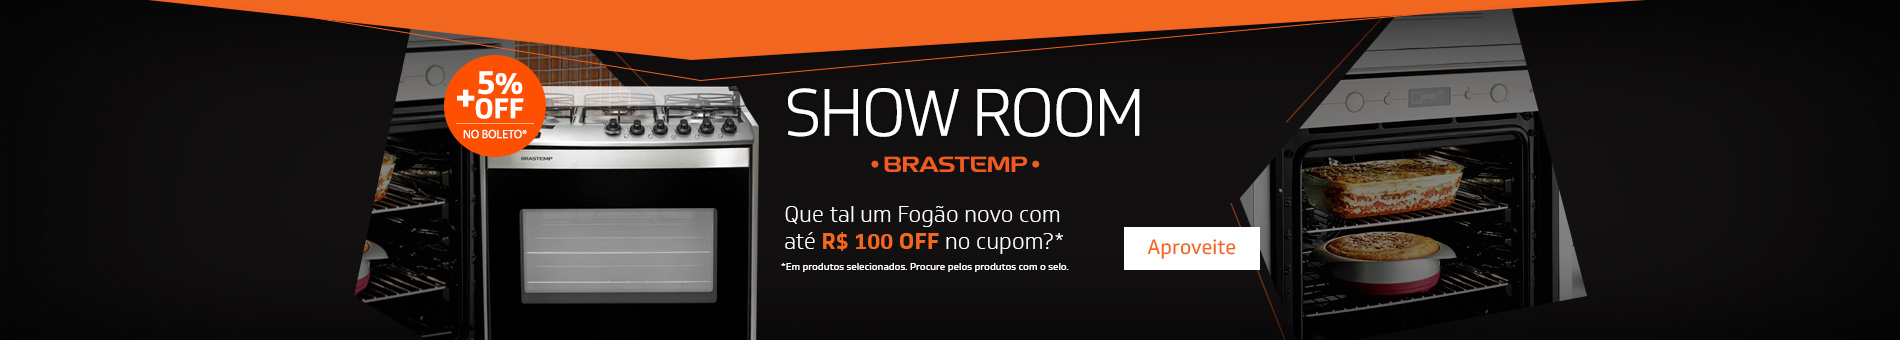 Promoção Interna - 1362 - showroom_fogao-BYS5TBR-cupom100ou50_23012017_home4 - fogao-BYS5TBR-cupom100ou50 - 4